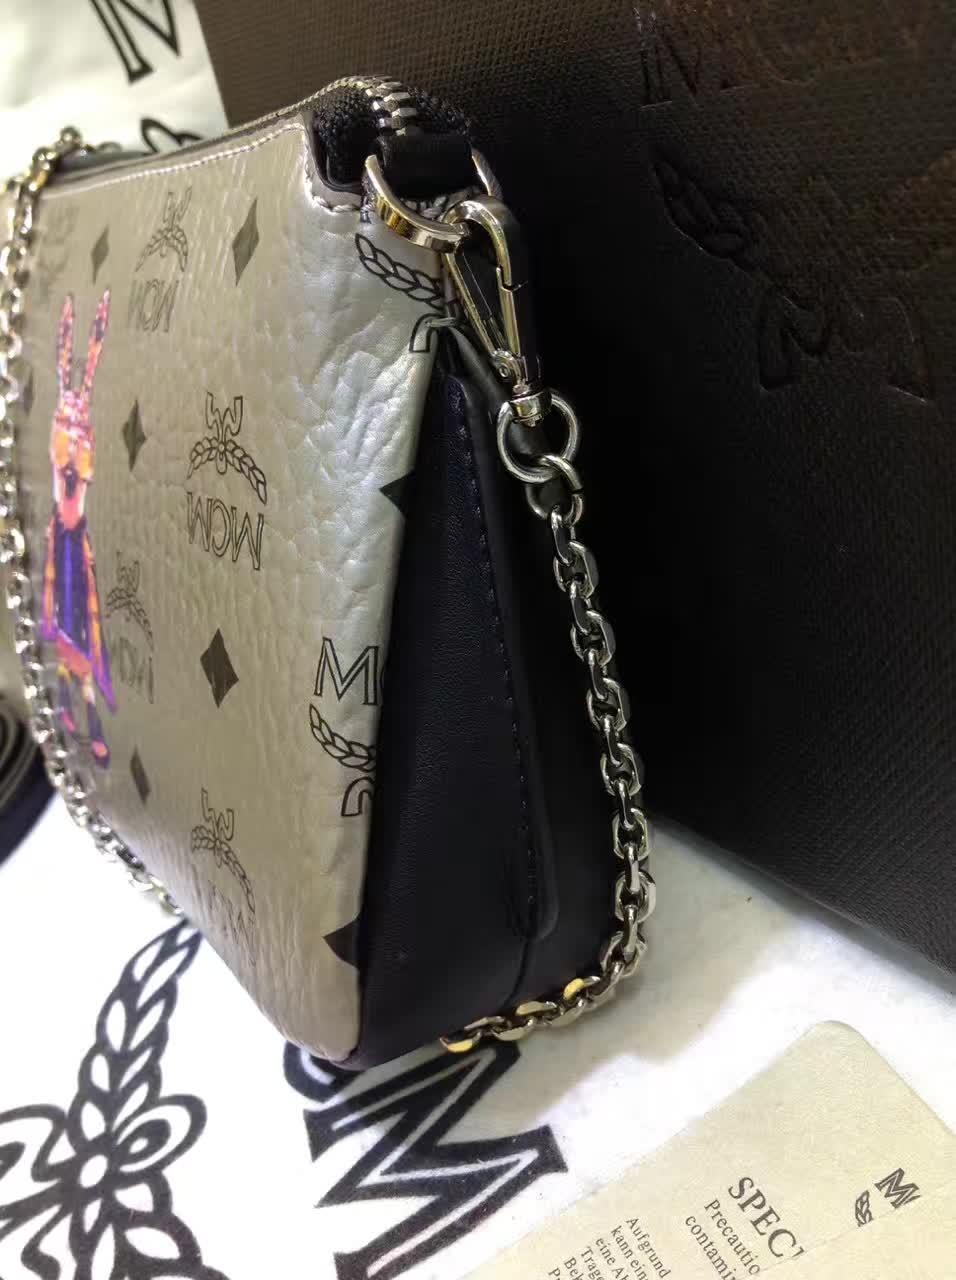 MCM专柜新款 链条斜挎两用包 新纹路PVC配高品质牛皮 绒布内里 银色